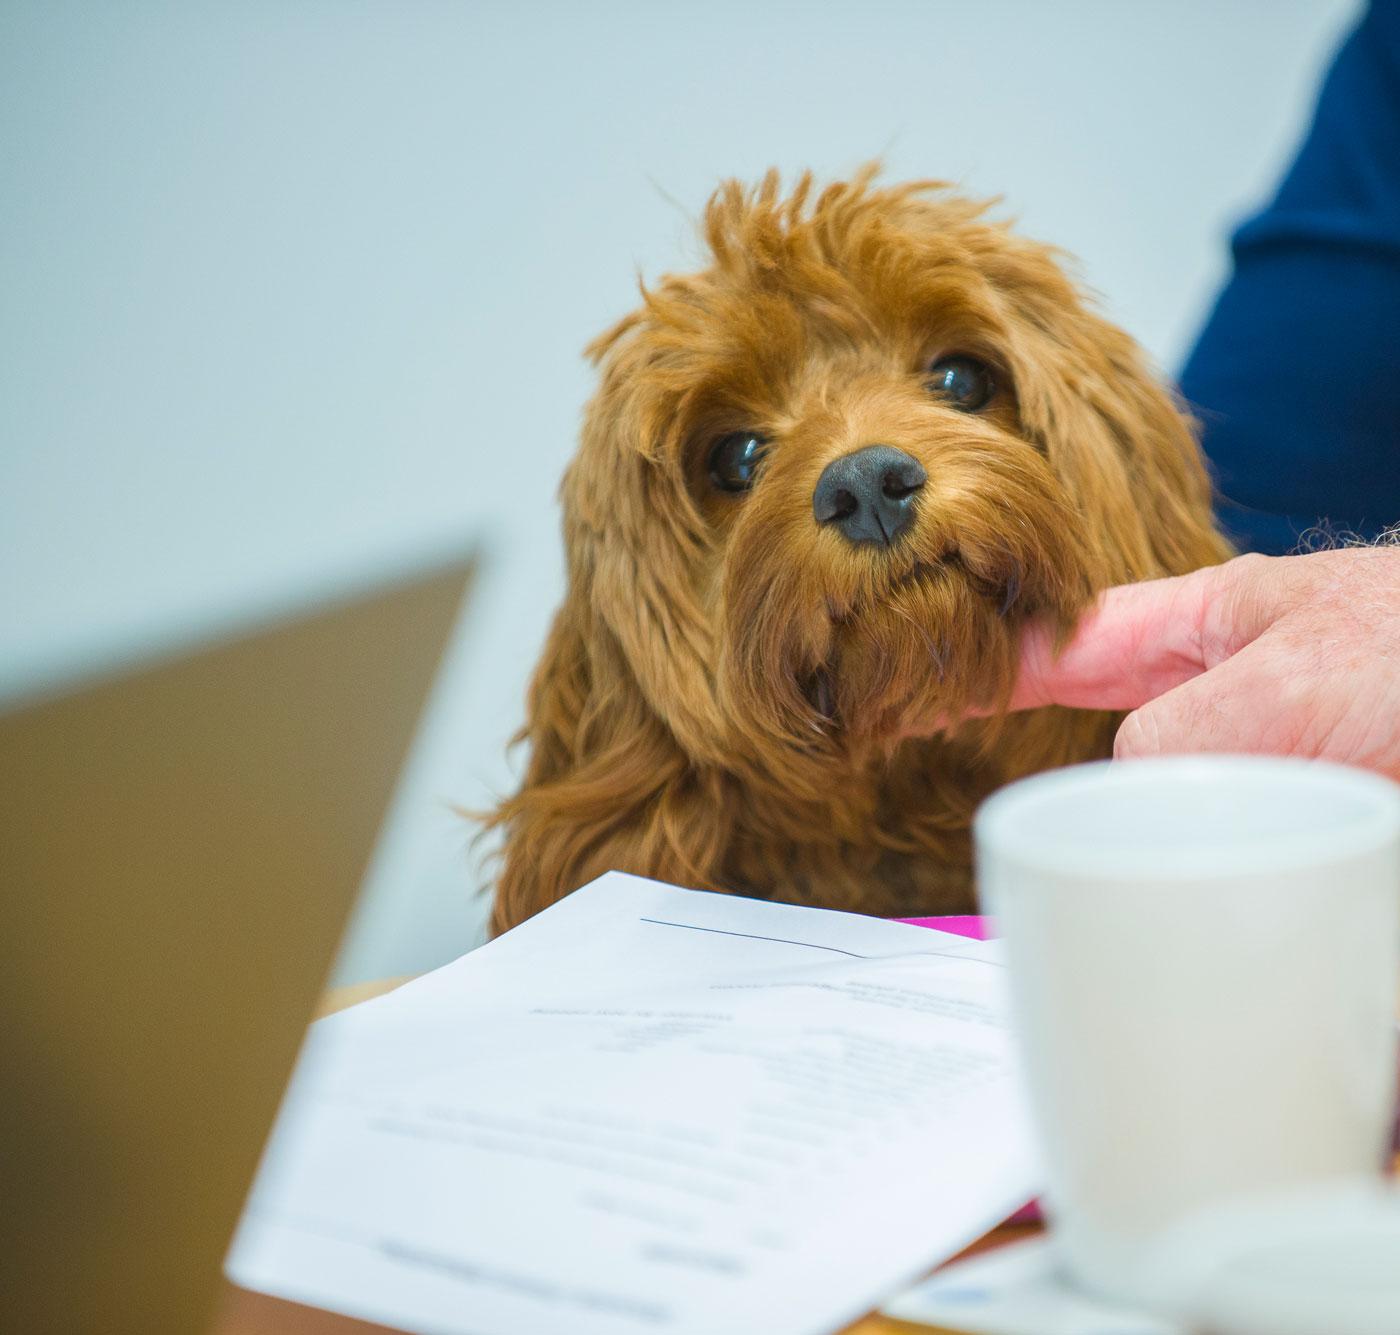 Dog sat at office desk